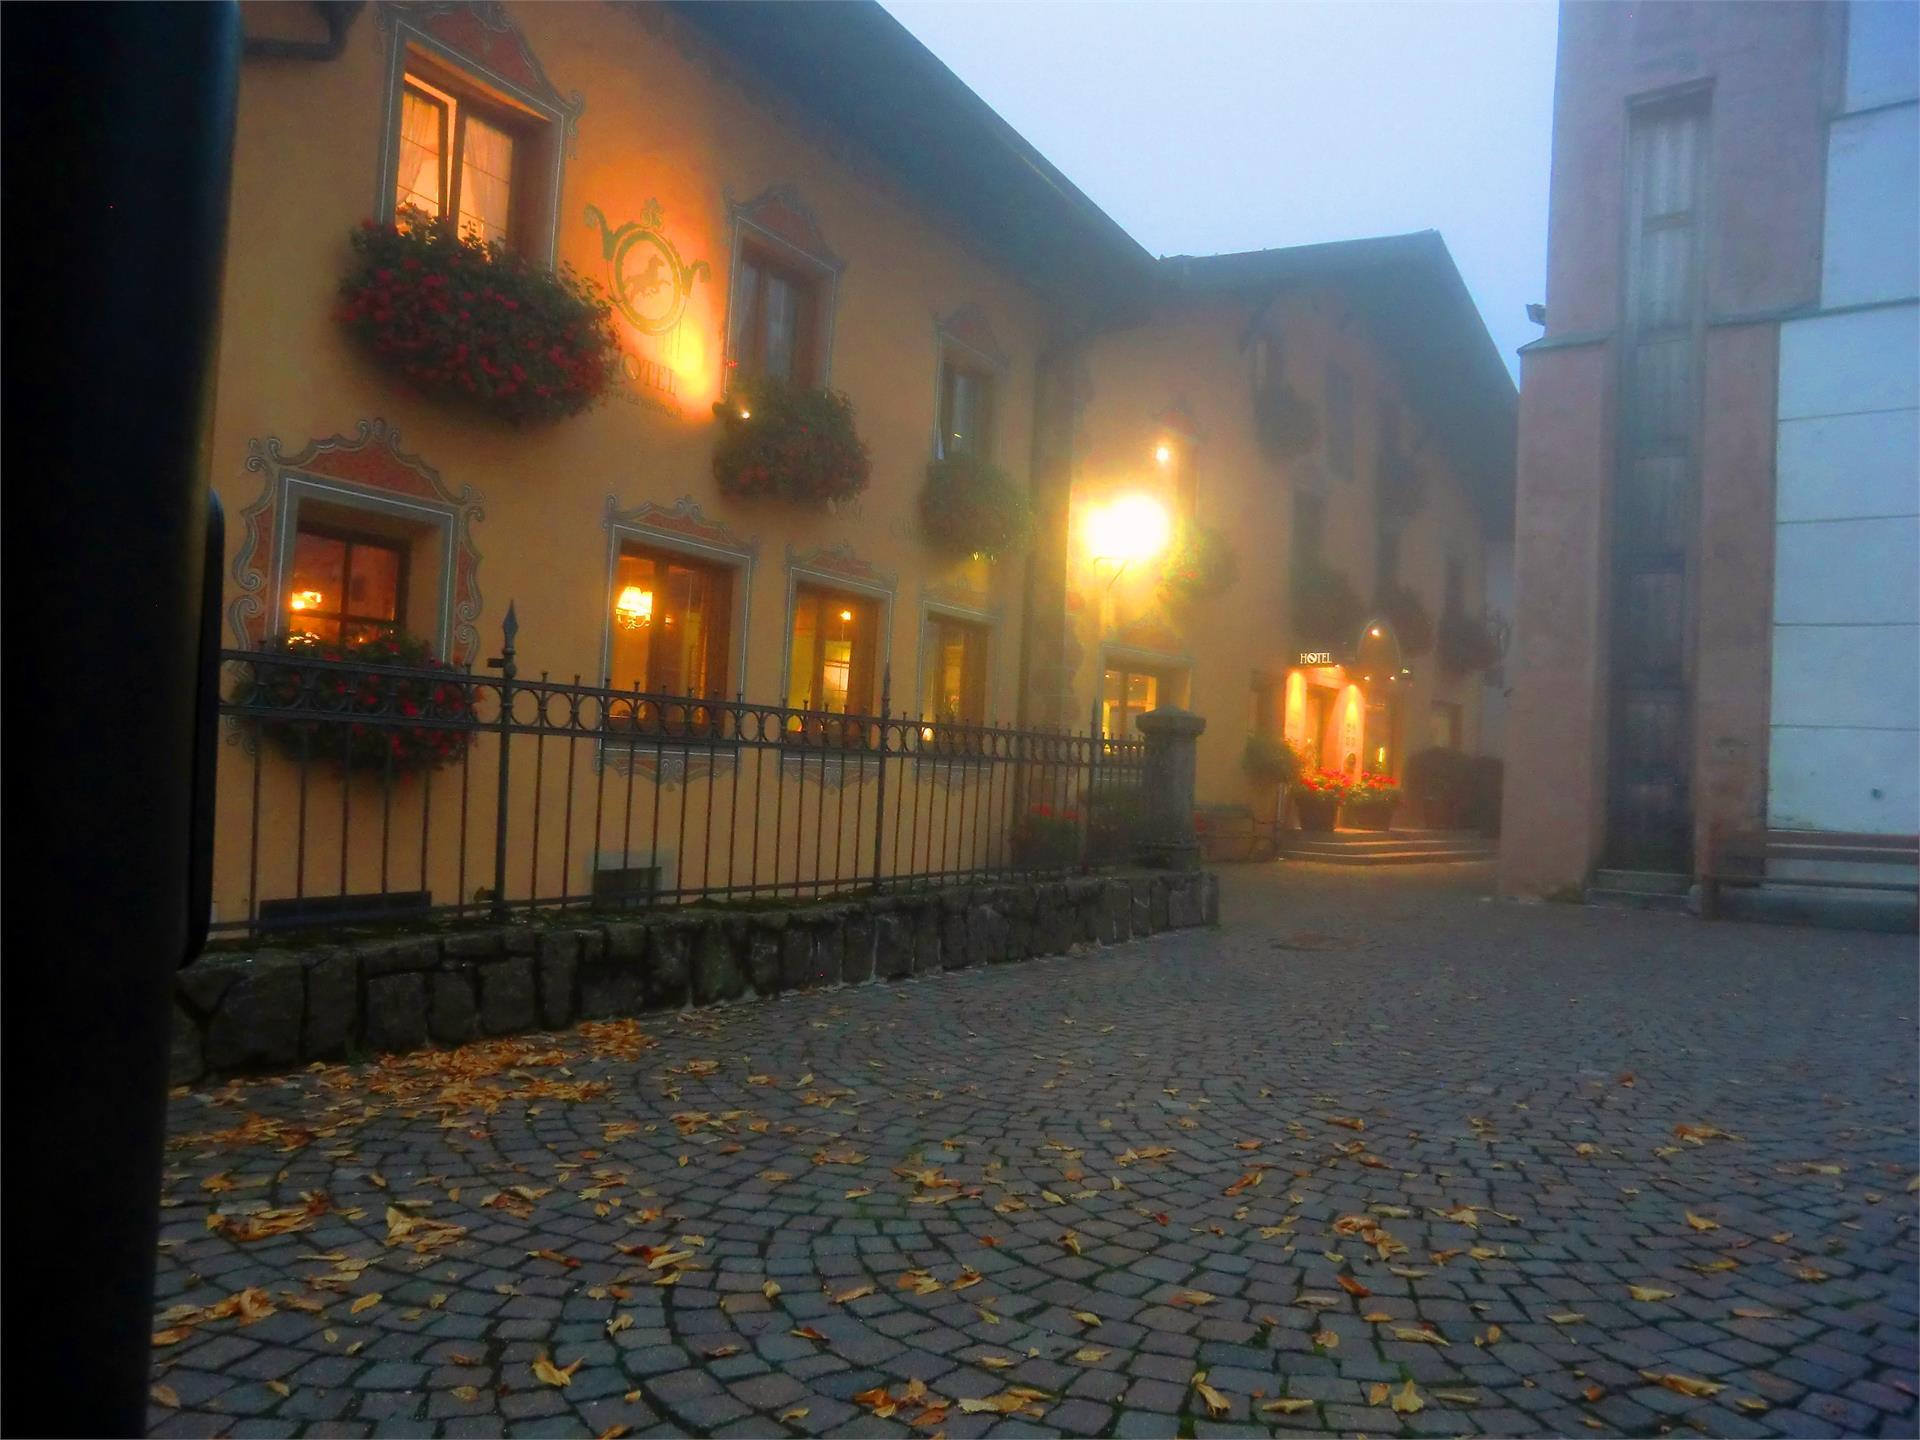 Hotel Cavallino dOro Castelrotto piazzetta storica Dolomiti Superski